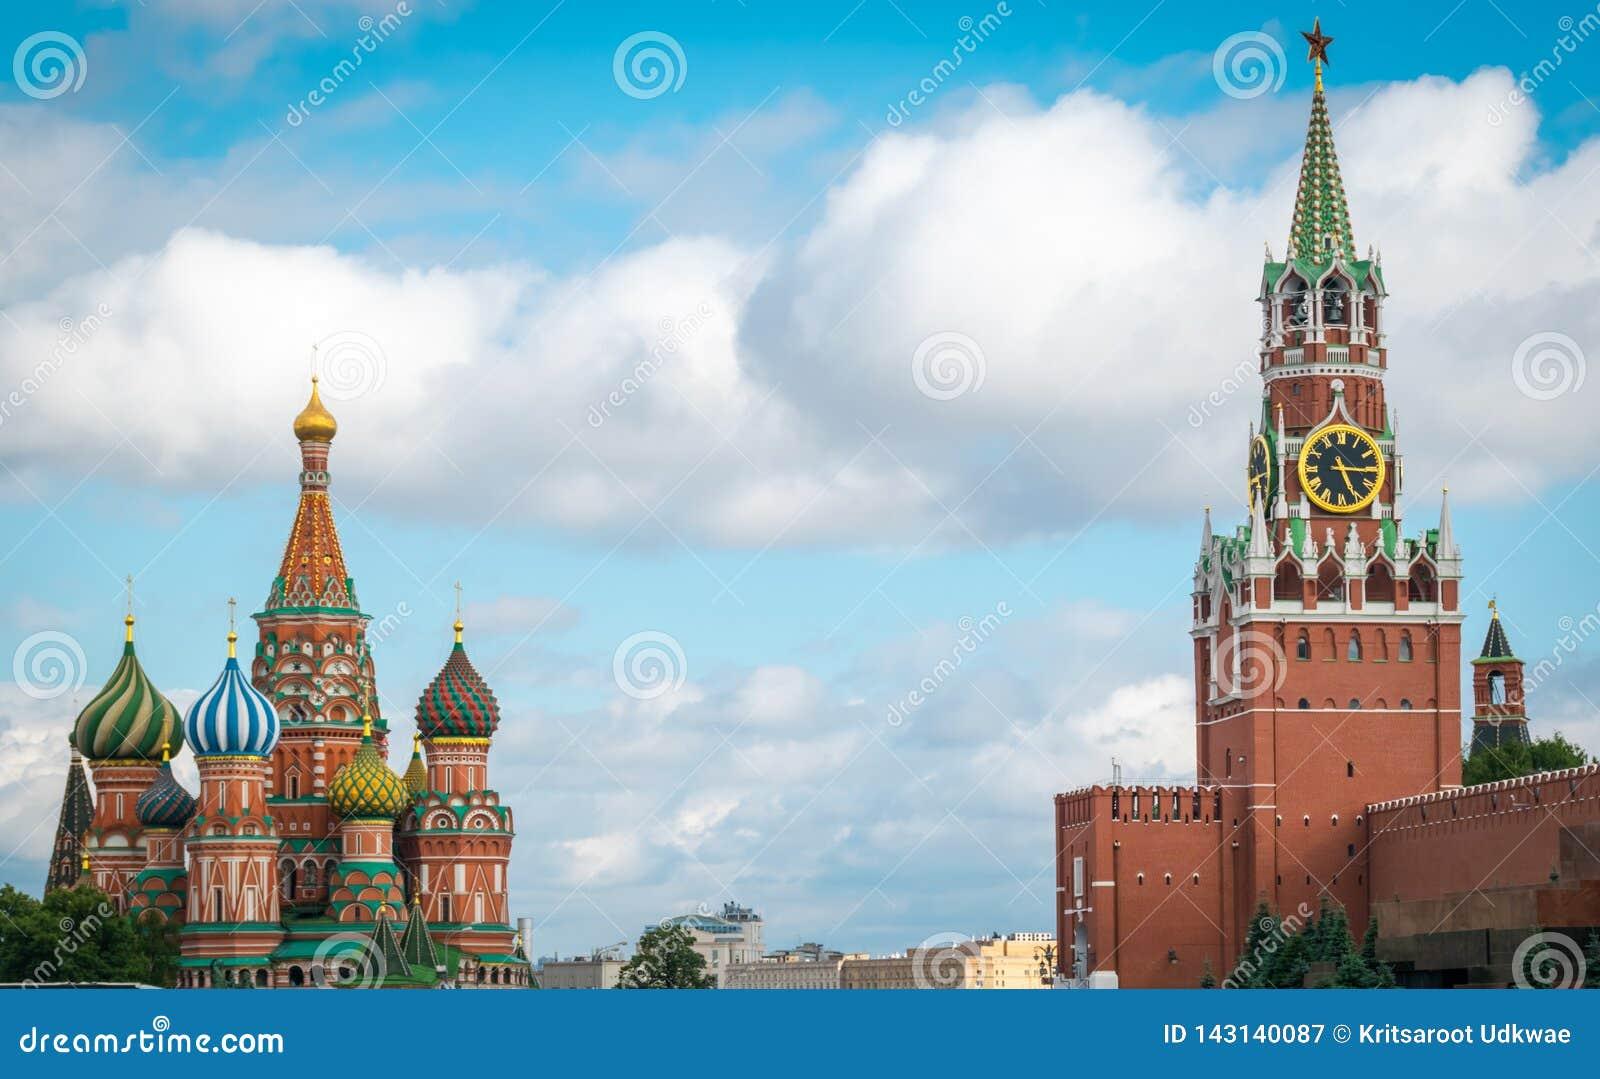 Καθεδρικός ναός και Spasskaya Bashnya του βασιλικού του ST στην κόκκινη πλατεία στη Μόσχα, Ρωσία